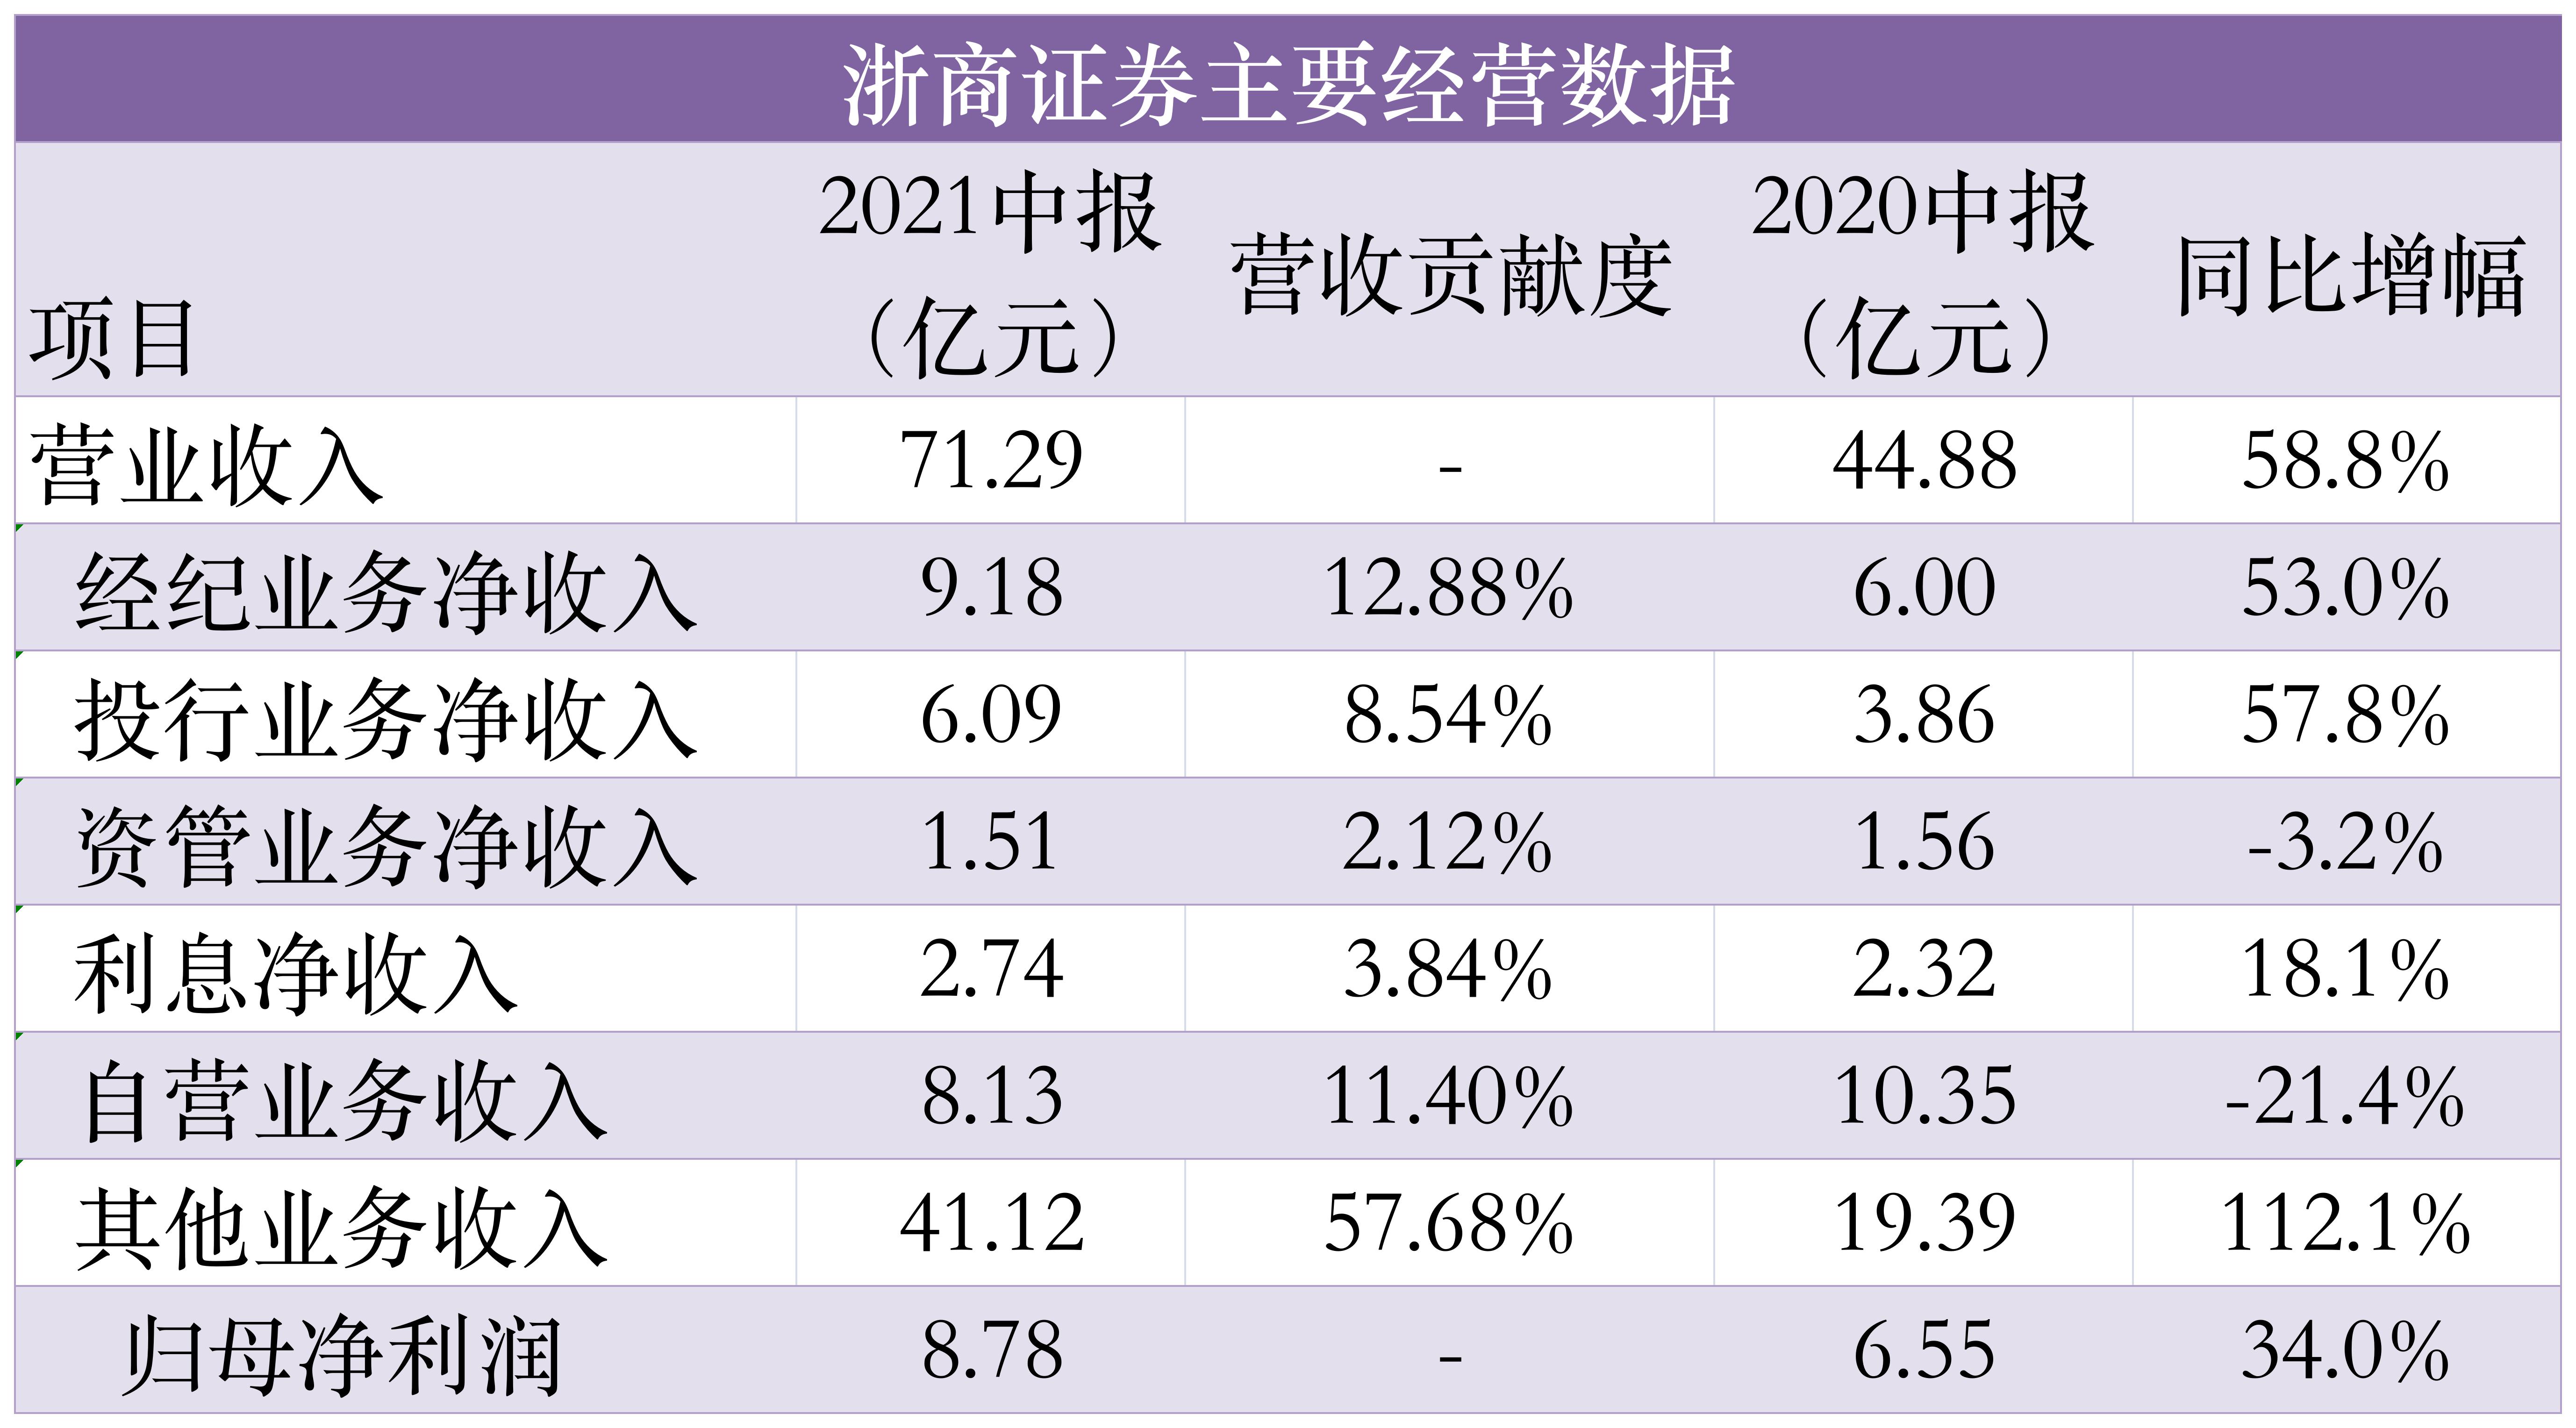 浙商证券上半年净赚8.8亿元:代销收入同比暴增231% 股价能否继续飞?